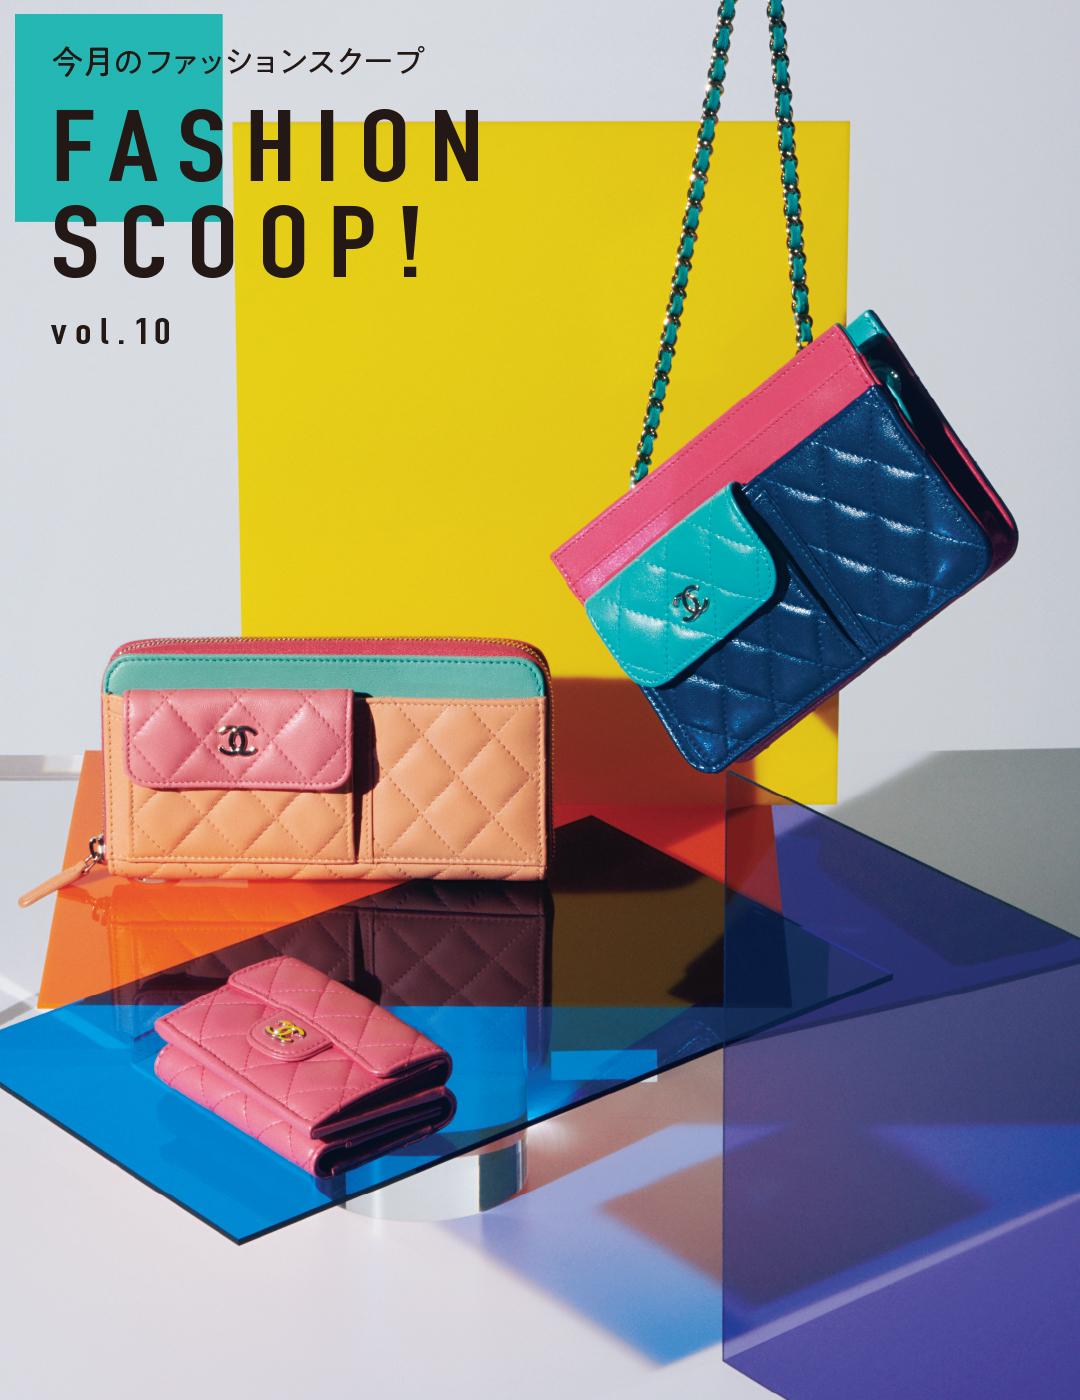 今月のファッションスクープ FASHION SCOOP! vol.10